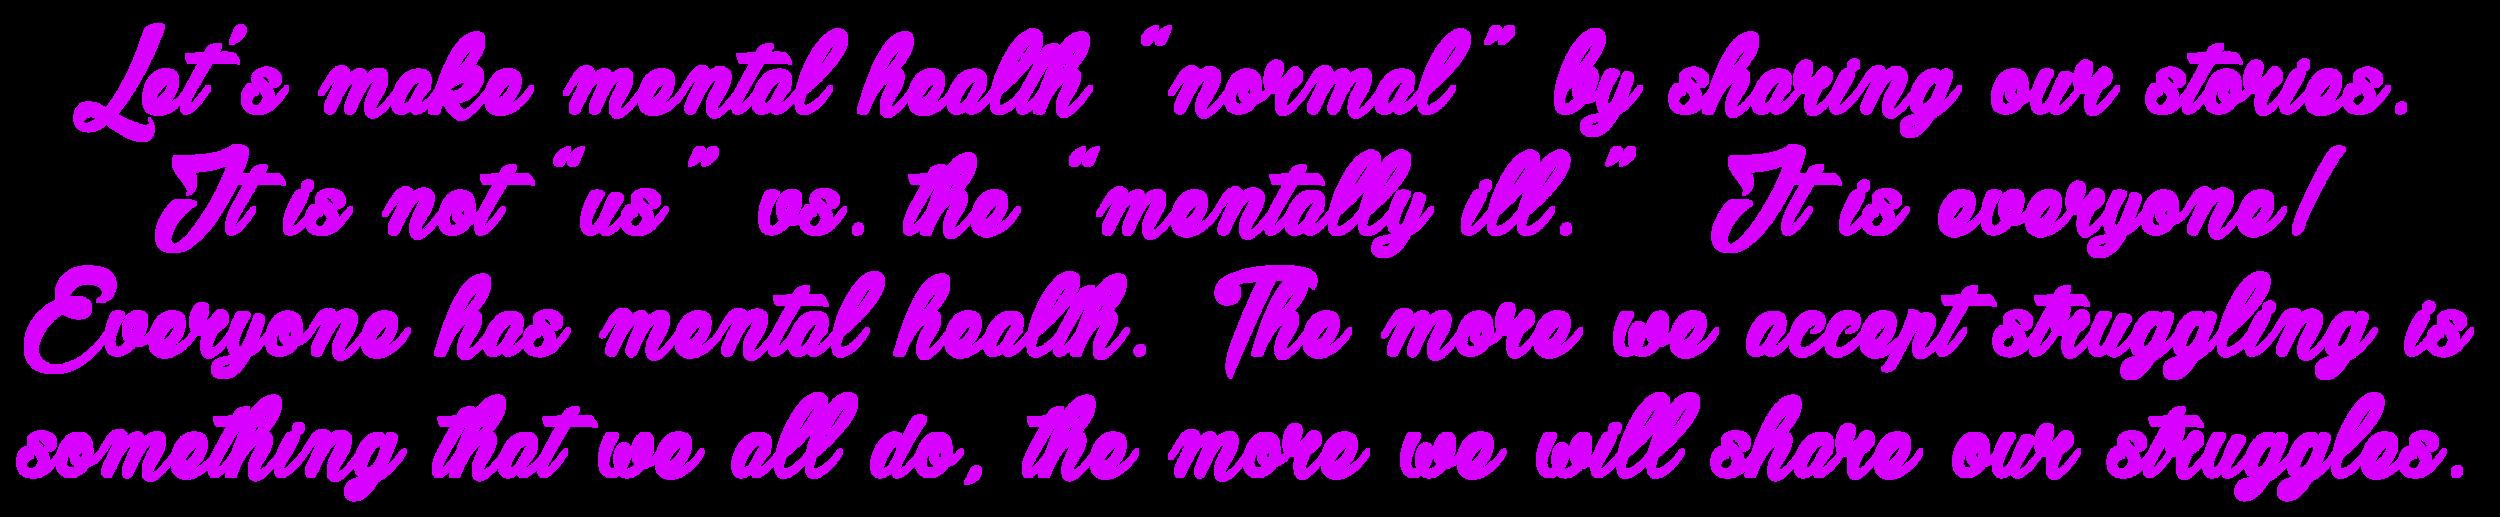 Lets make mental health normal.png